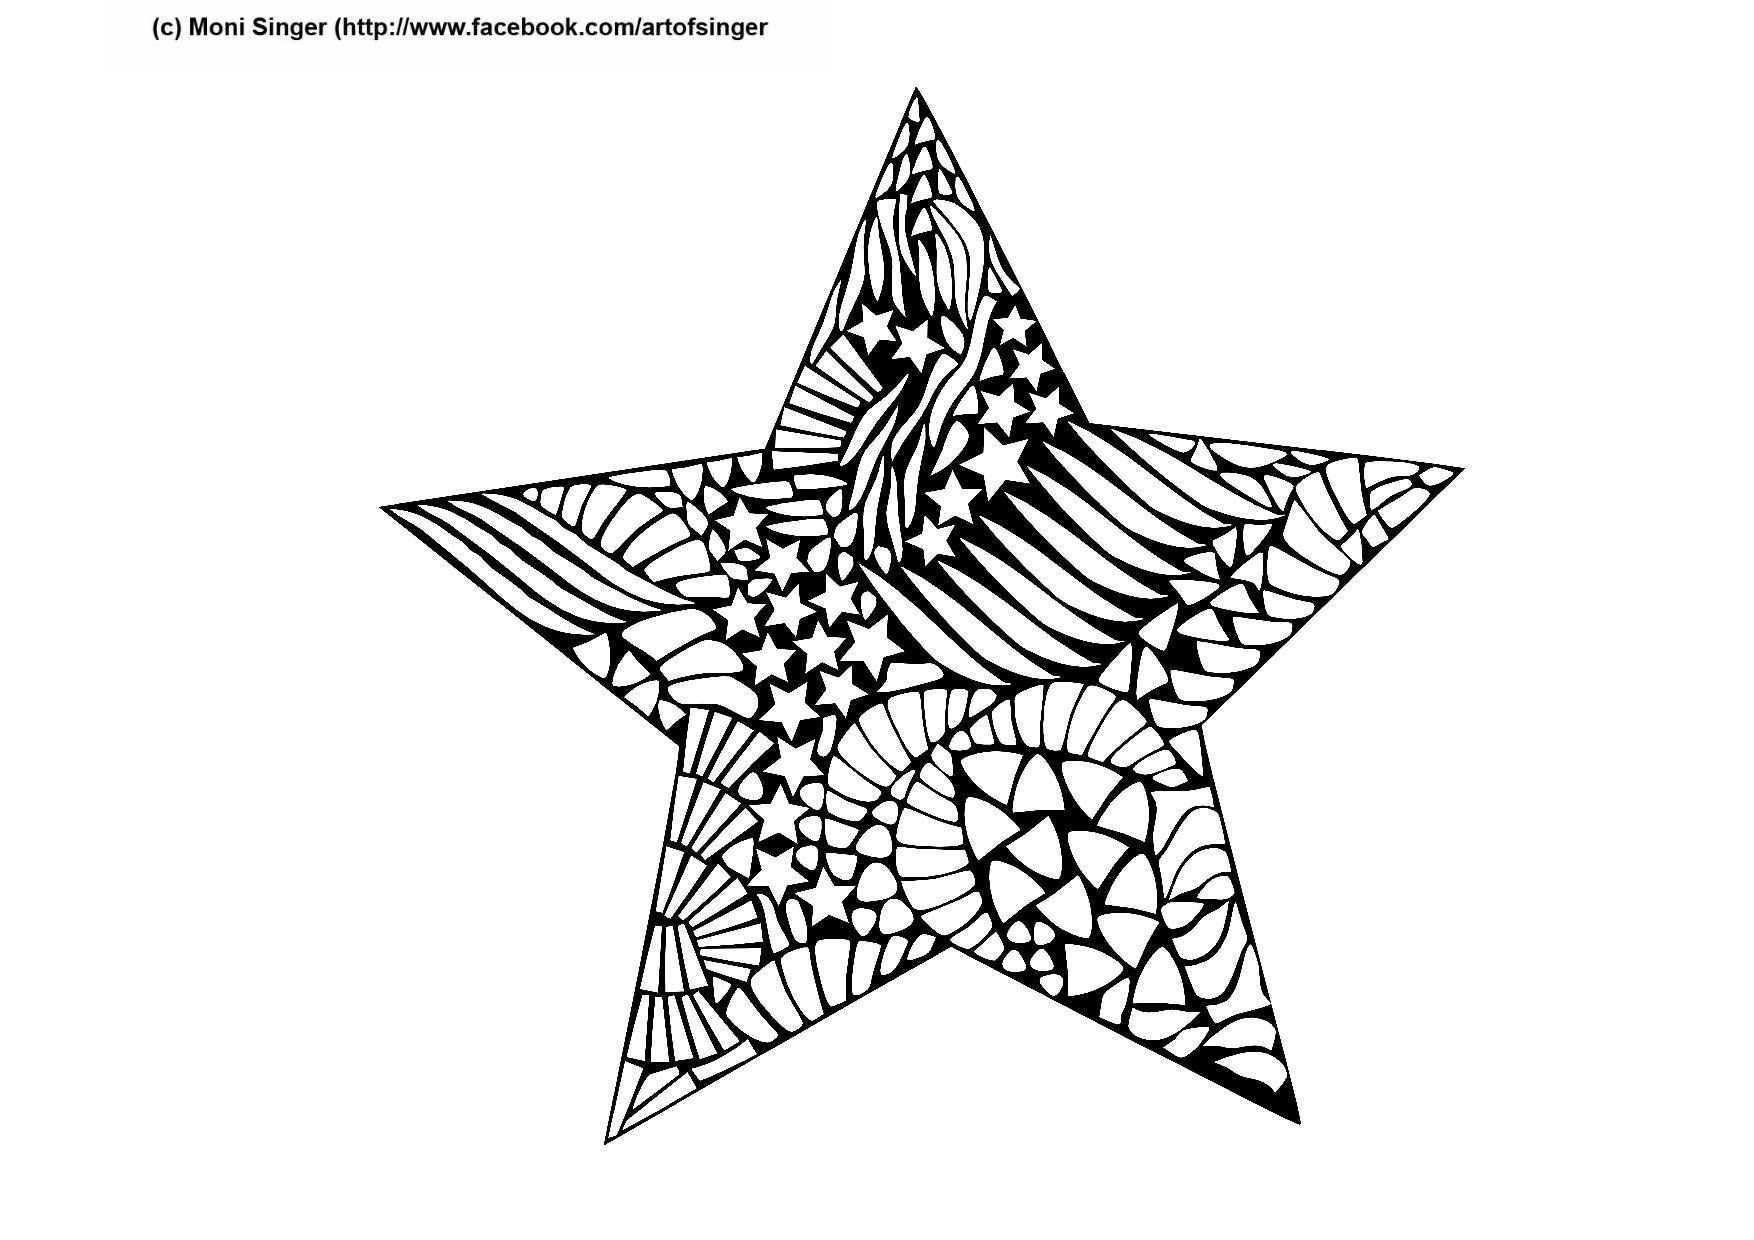 Silhouette Plotter File Free Plotter Datei Kostenlos Plotter Freebie Star Plotter Kostenlos Malvorlage Stern Sterne Zum Ausdrucken